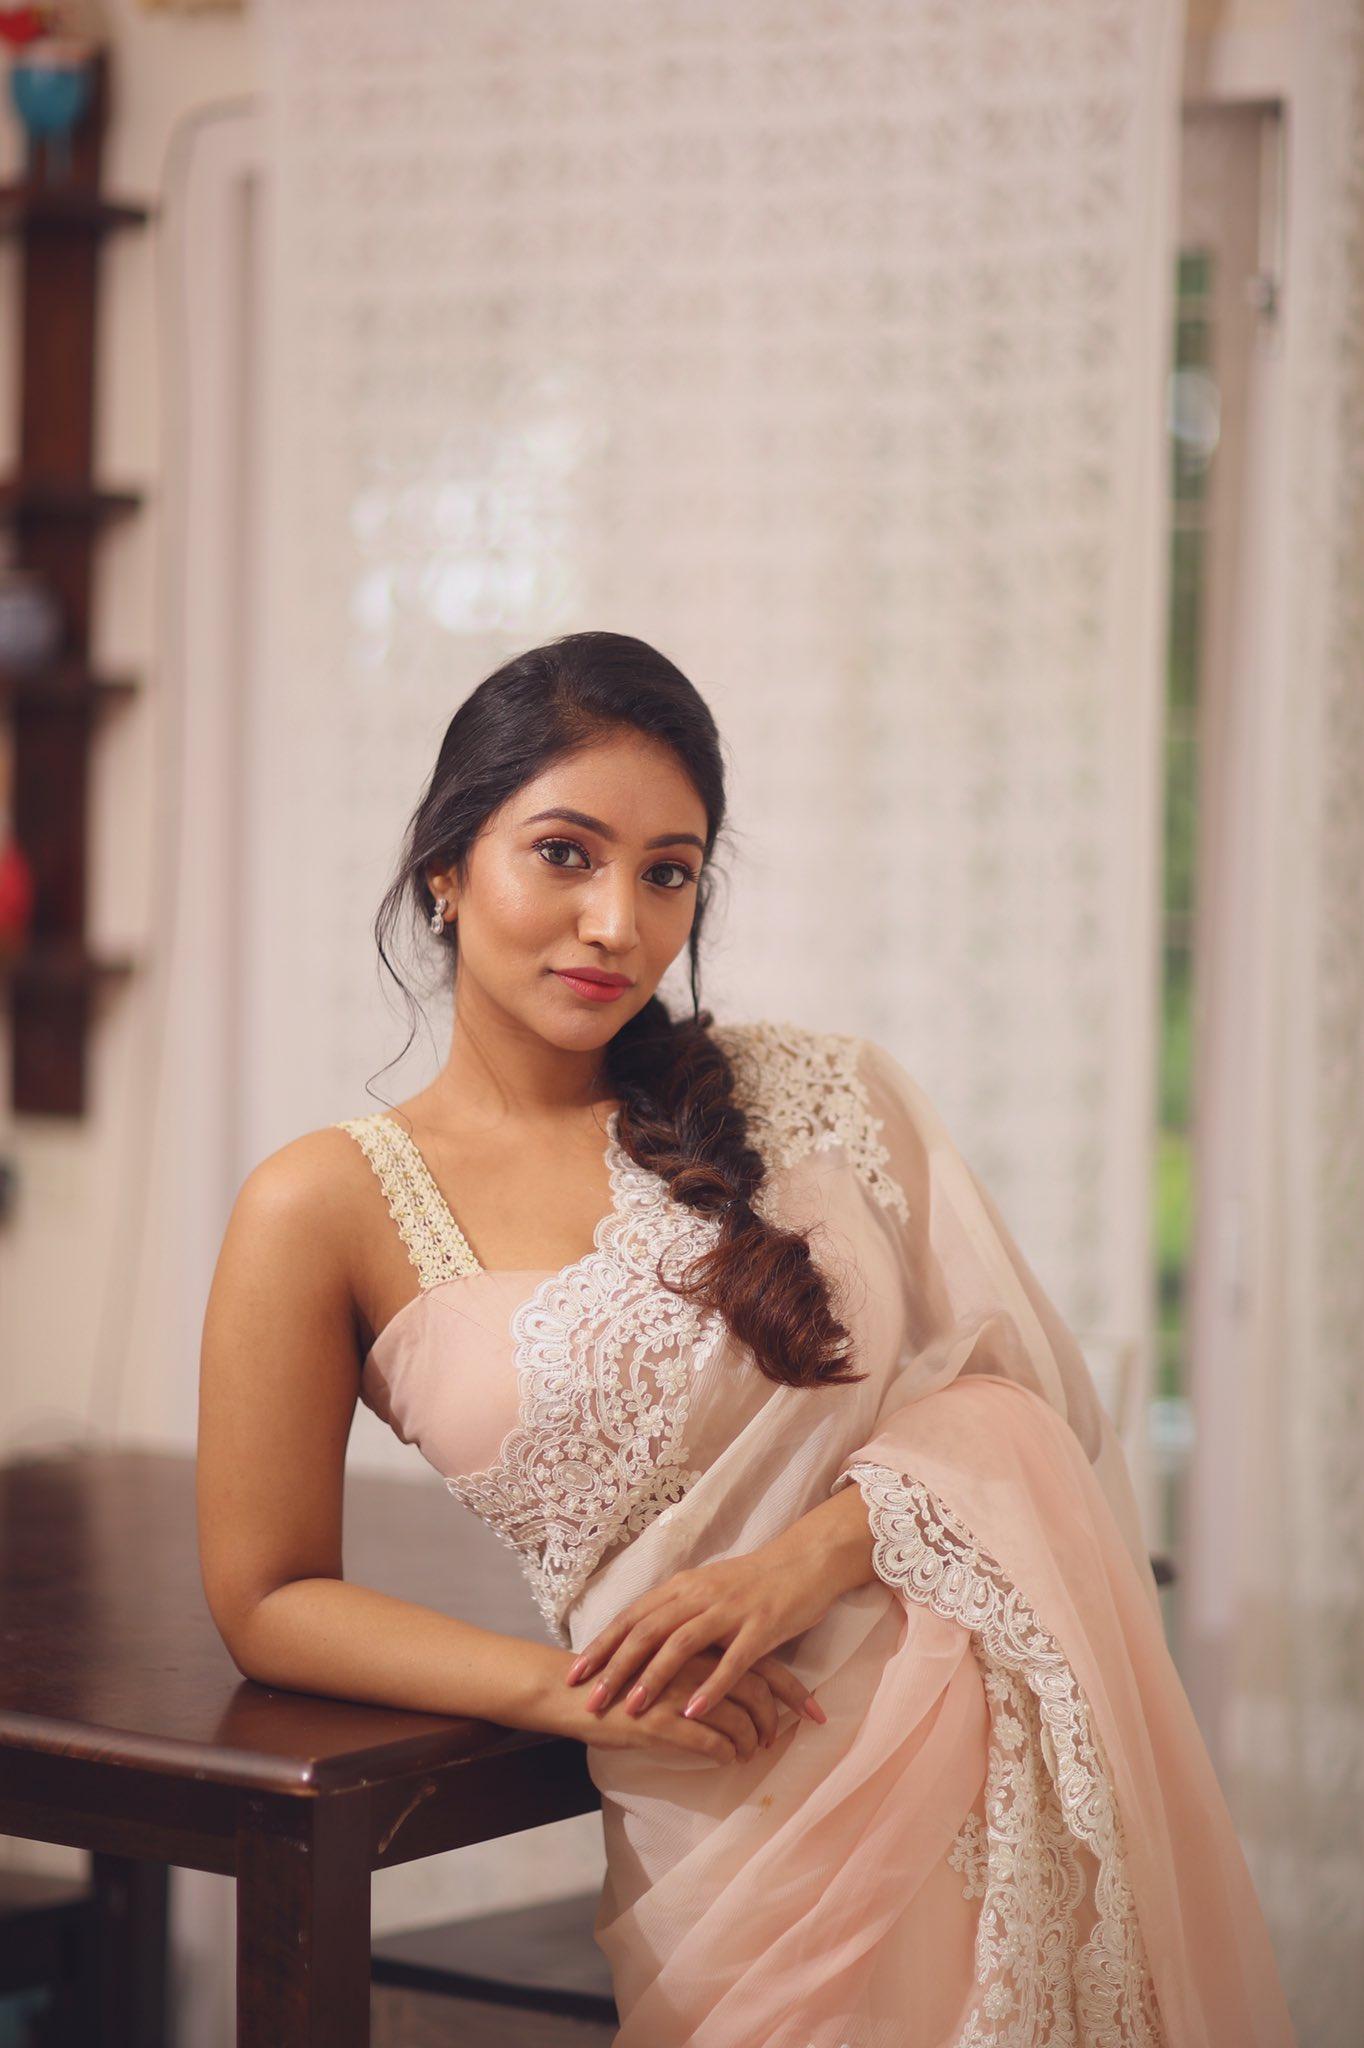 90 ML movie Actress Actress Bommu Lakshmi Latest hot